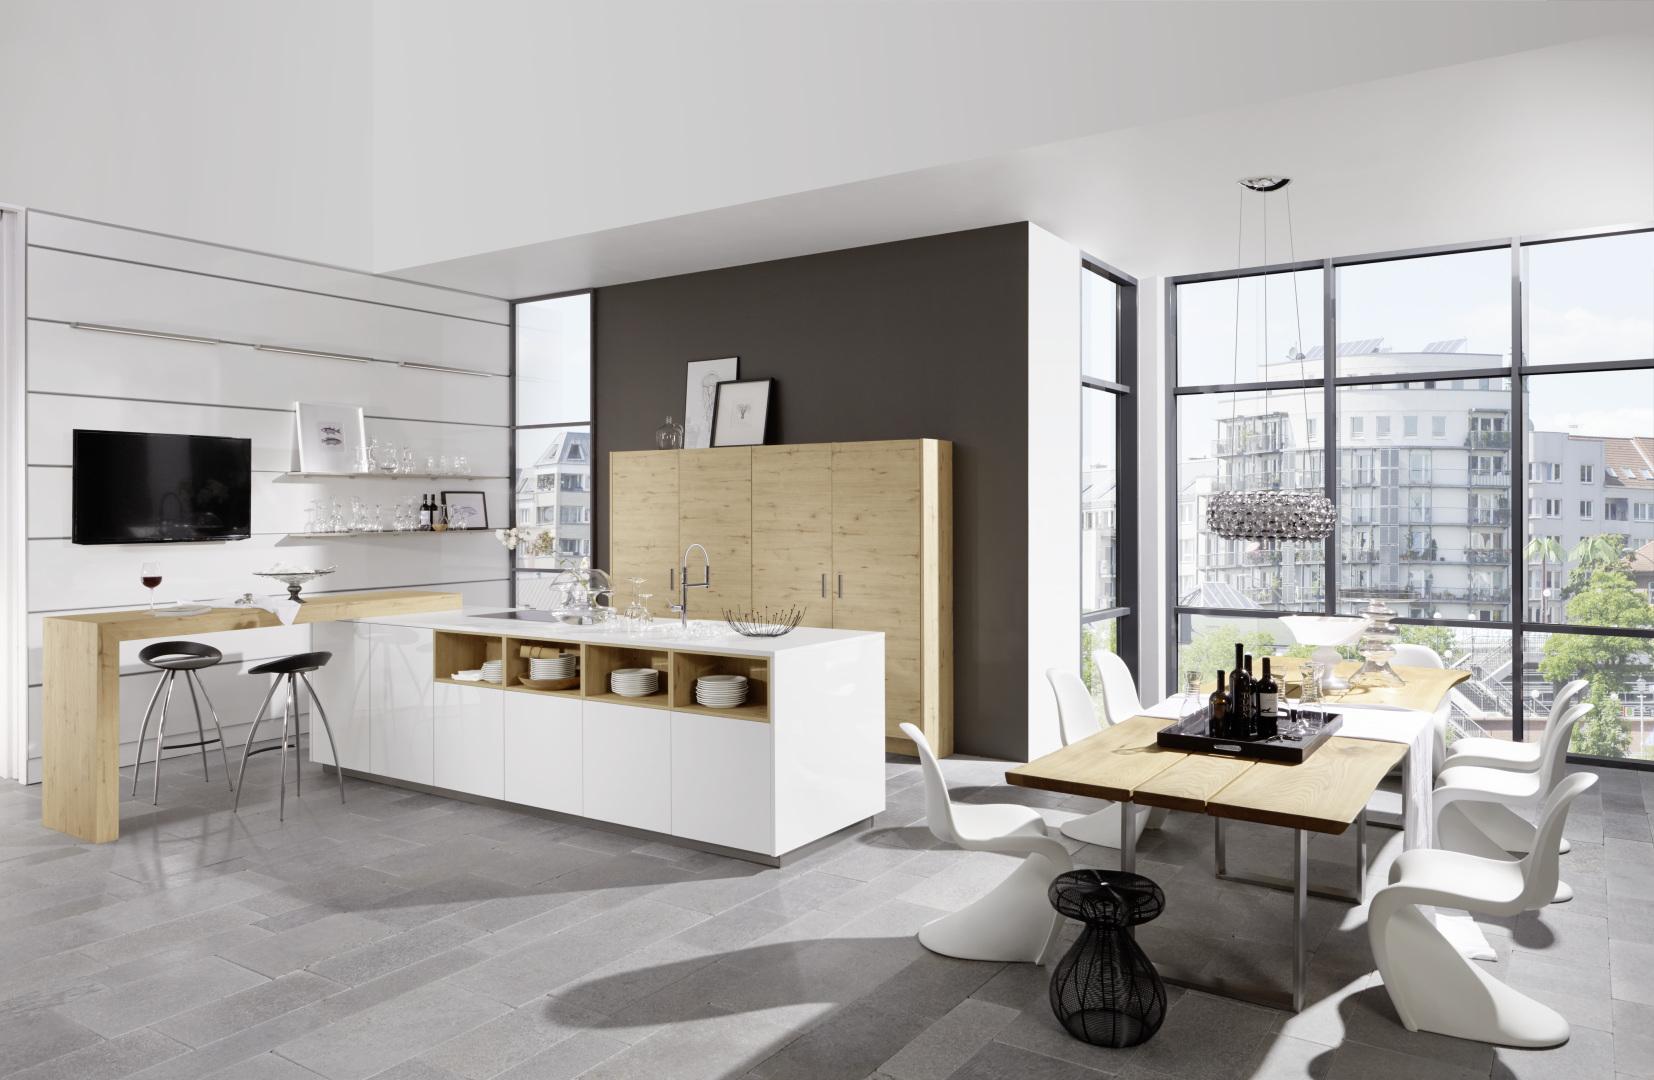 Design-Küche kaufen beim Fachmann | küchenEXPERTE